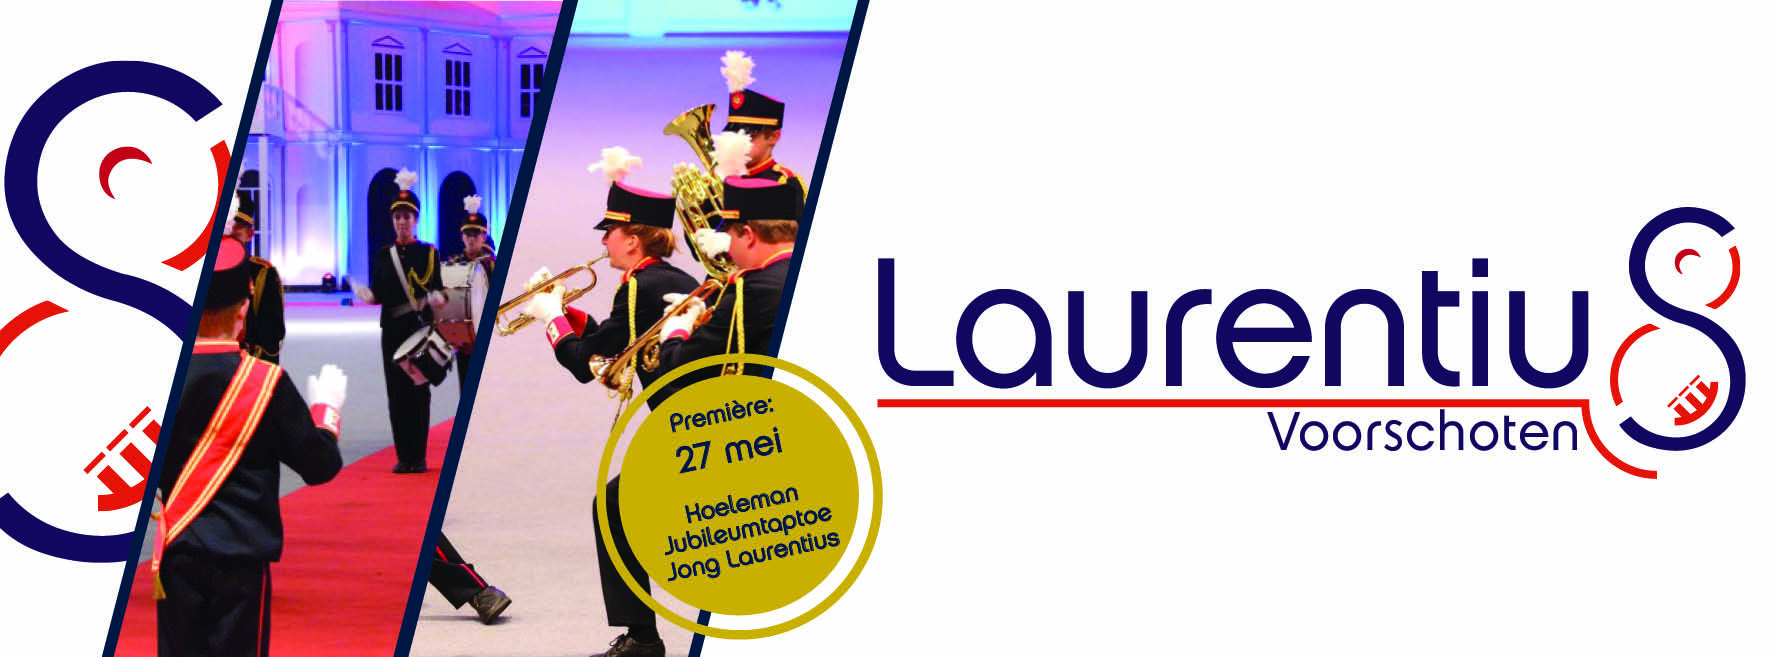 Koeleman Jubileumtaptoe Jong Laurentius